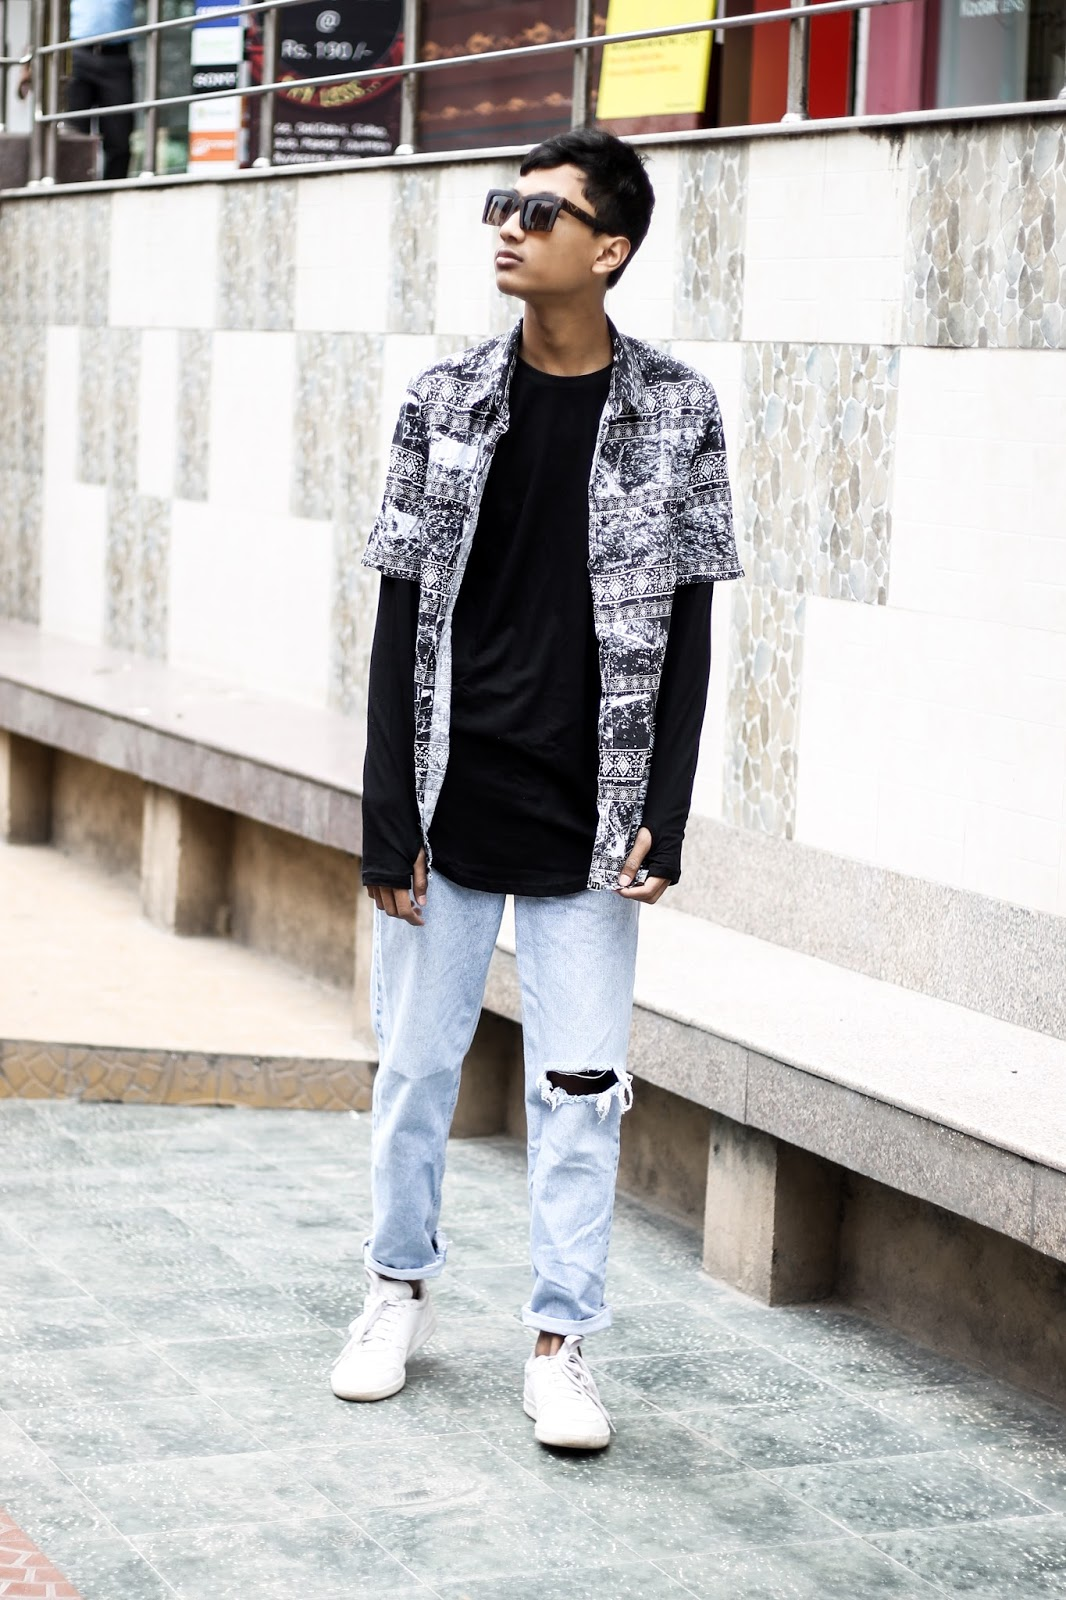 Black t shirt jabong - Social Update